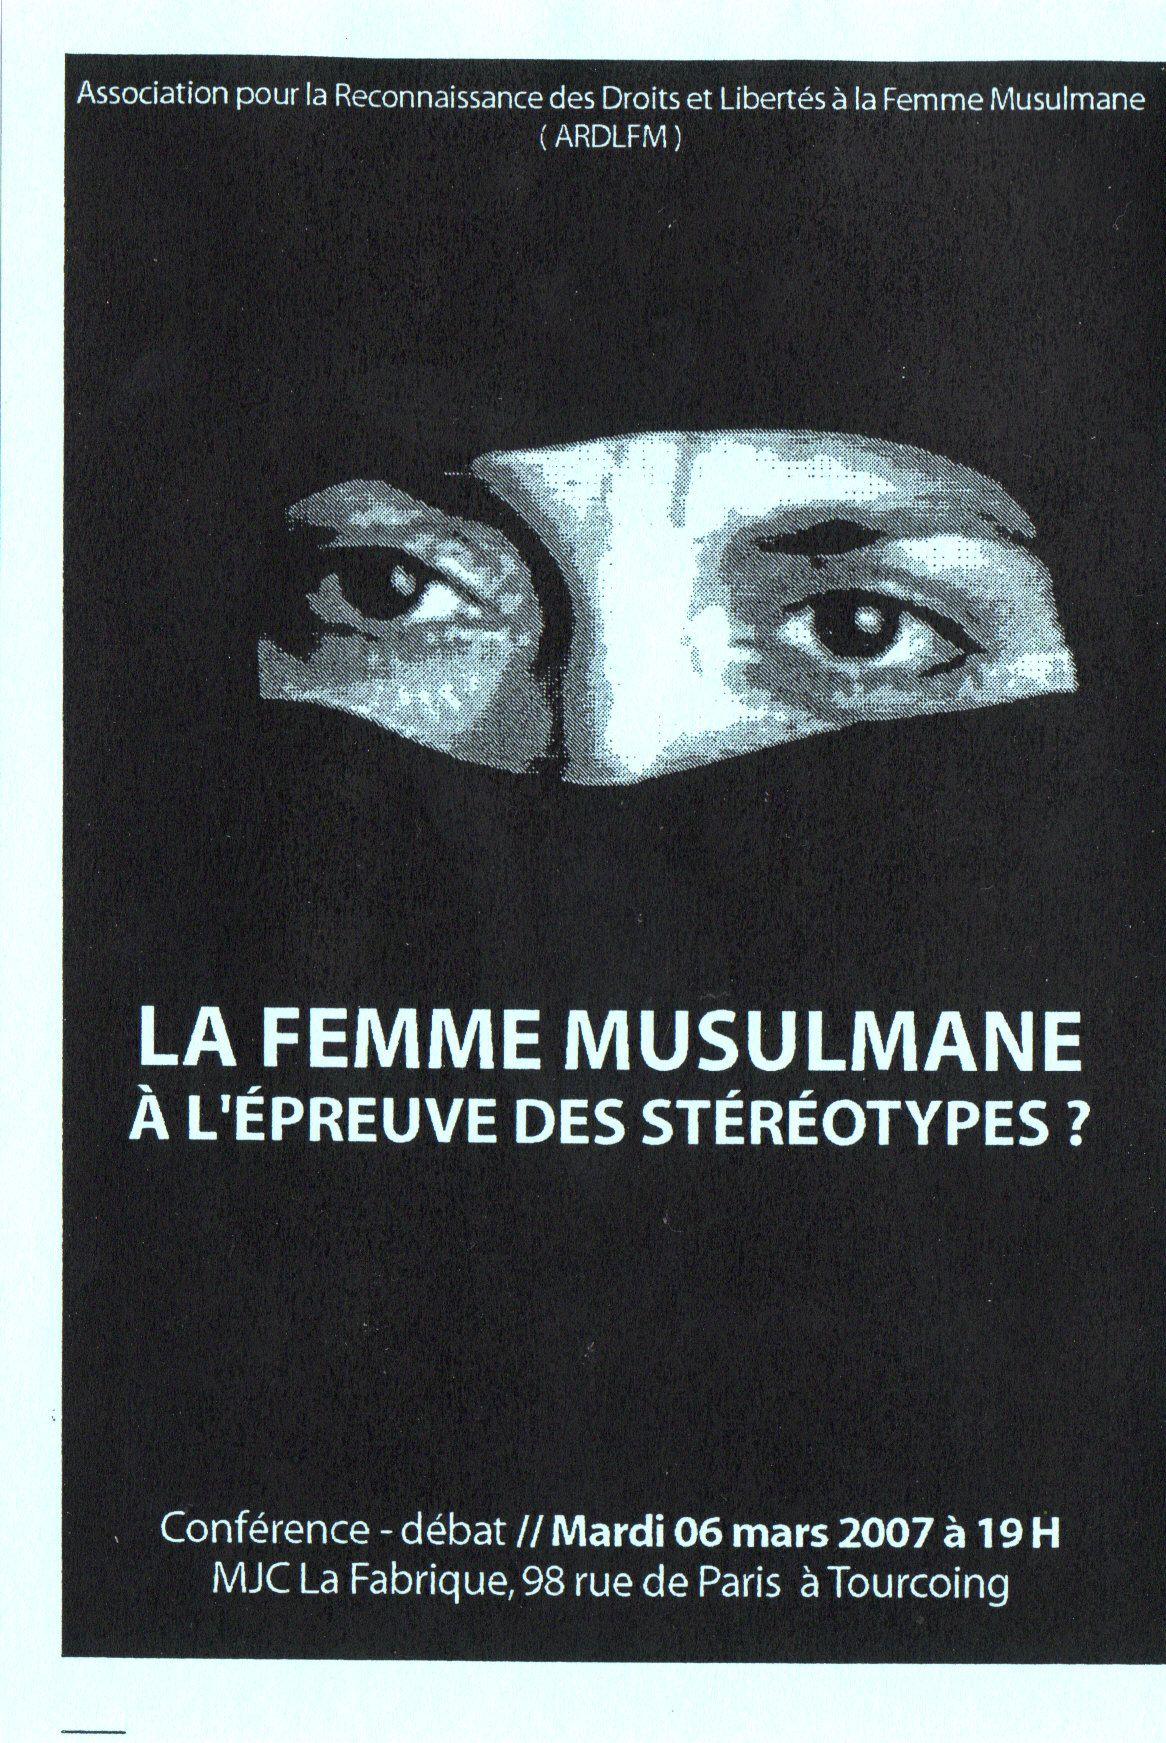 Rencontre femme musulmane en allemagne